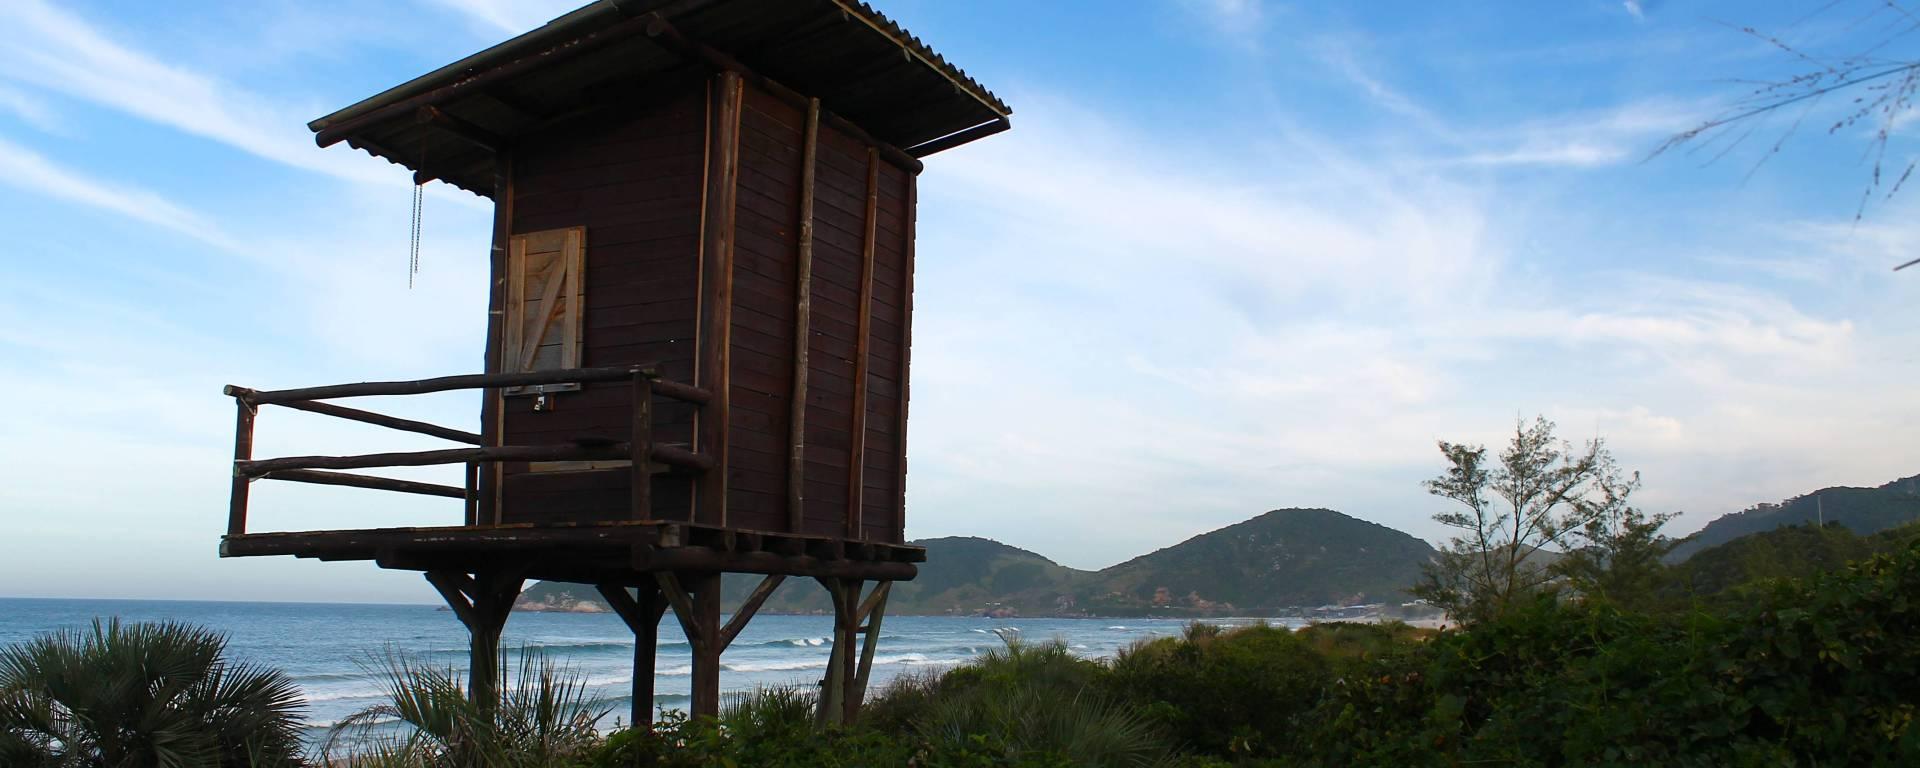 beaches, nature, travel, brazil